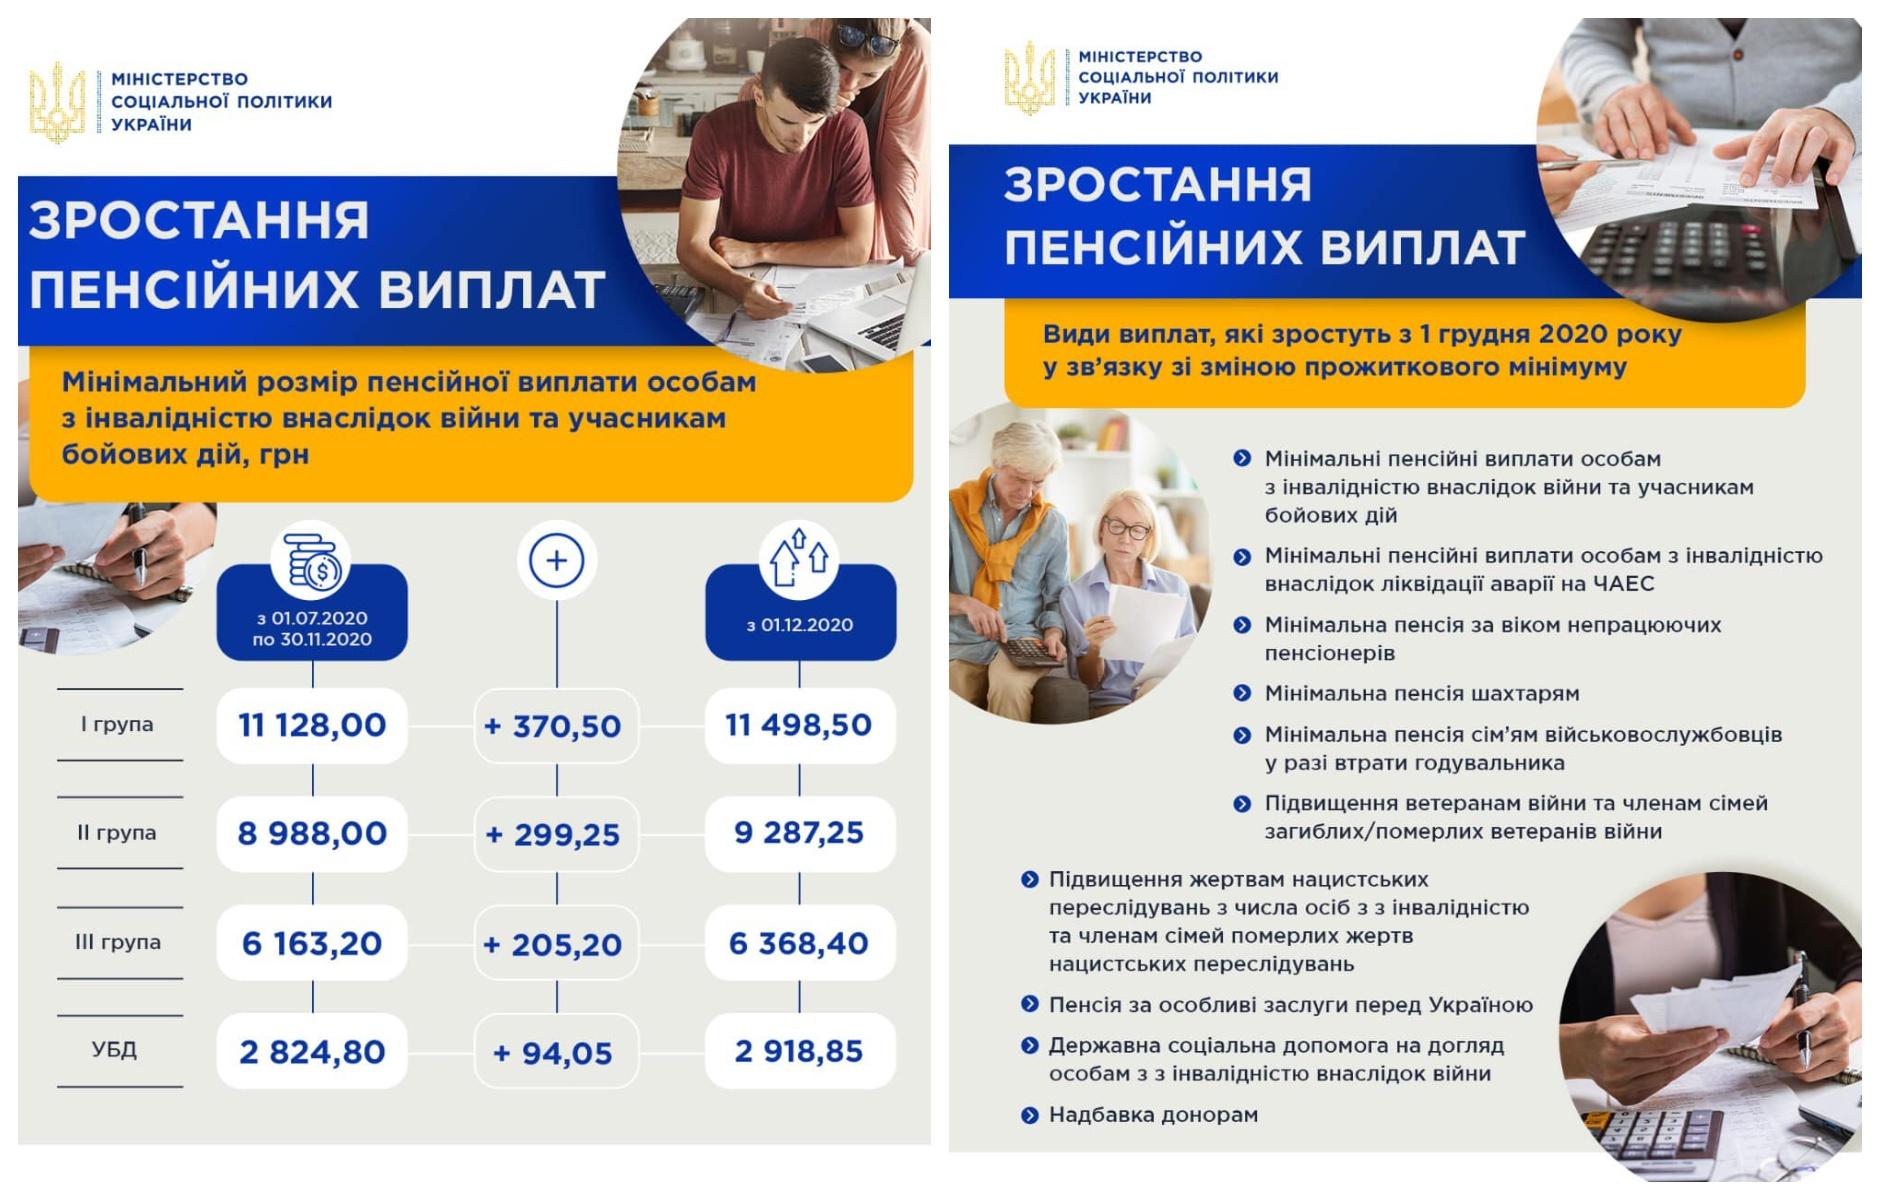 Инфографика увеличения пенсий